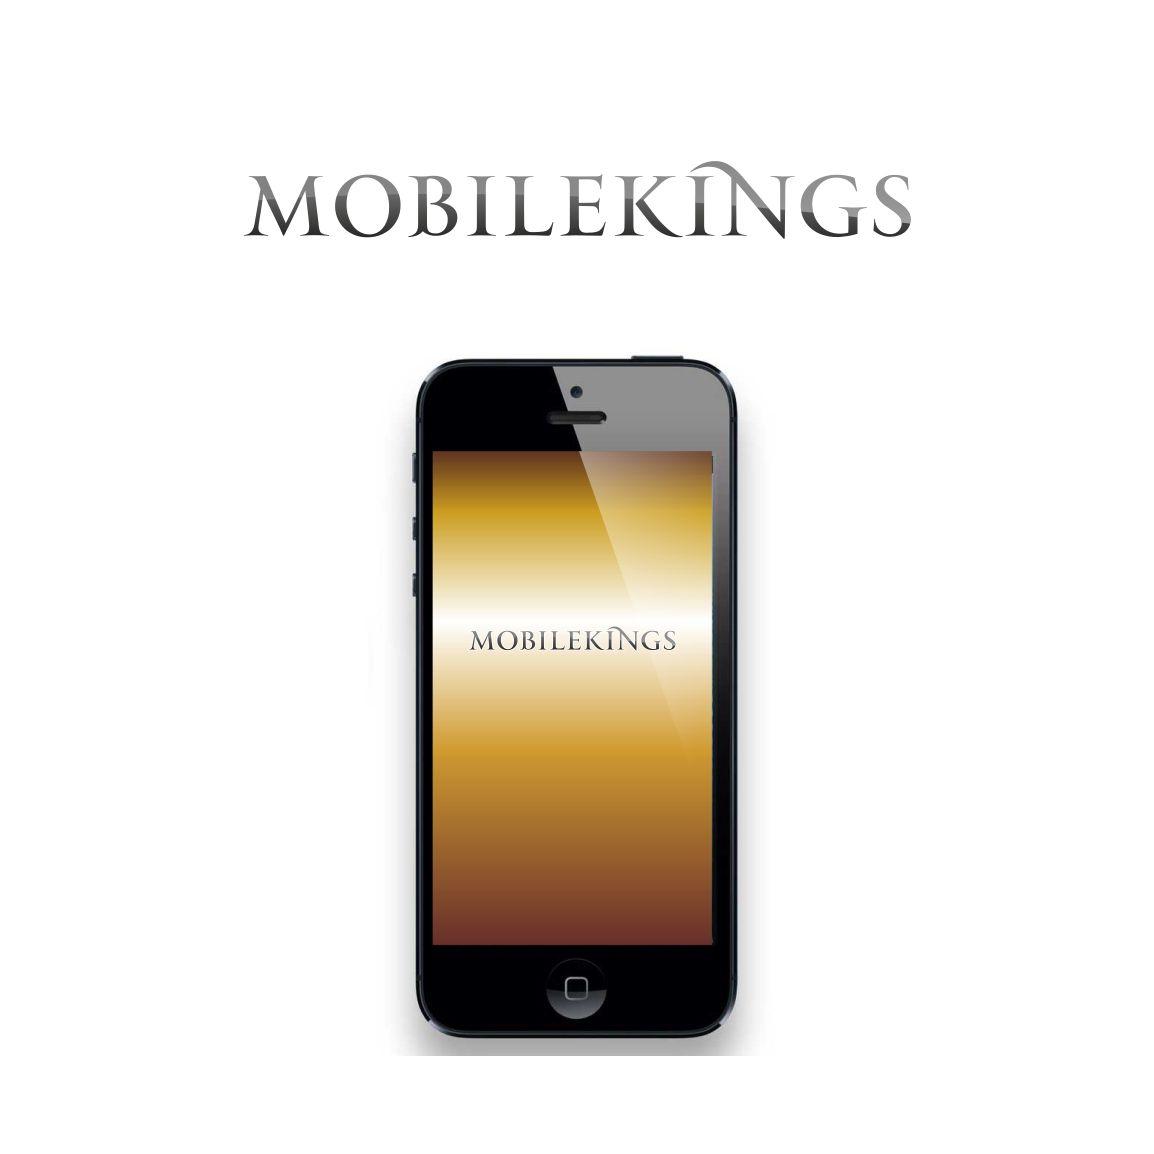 Логотип для партнерской программы MobileKings - дизайнер LavrentevVA